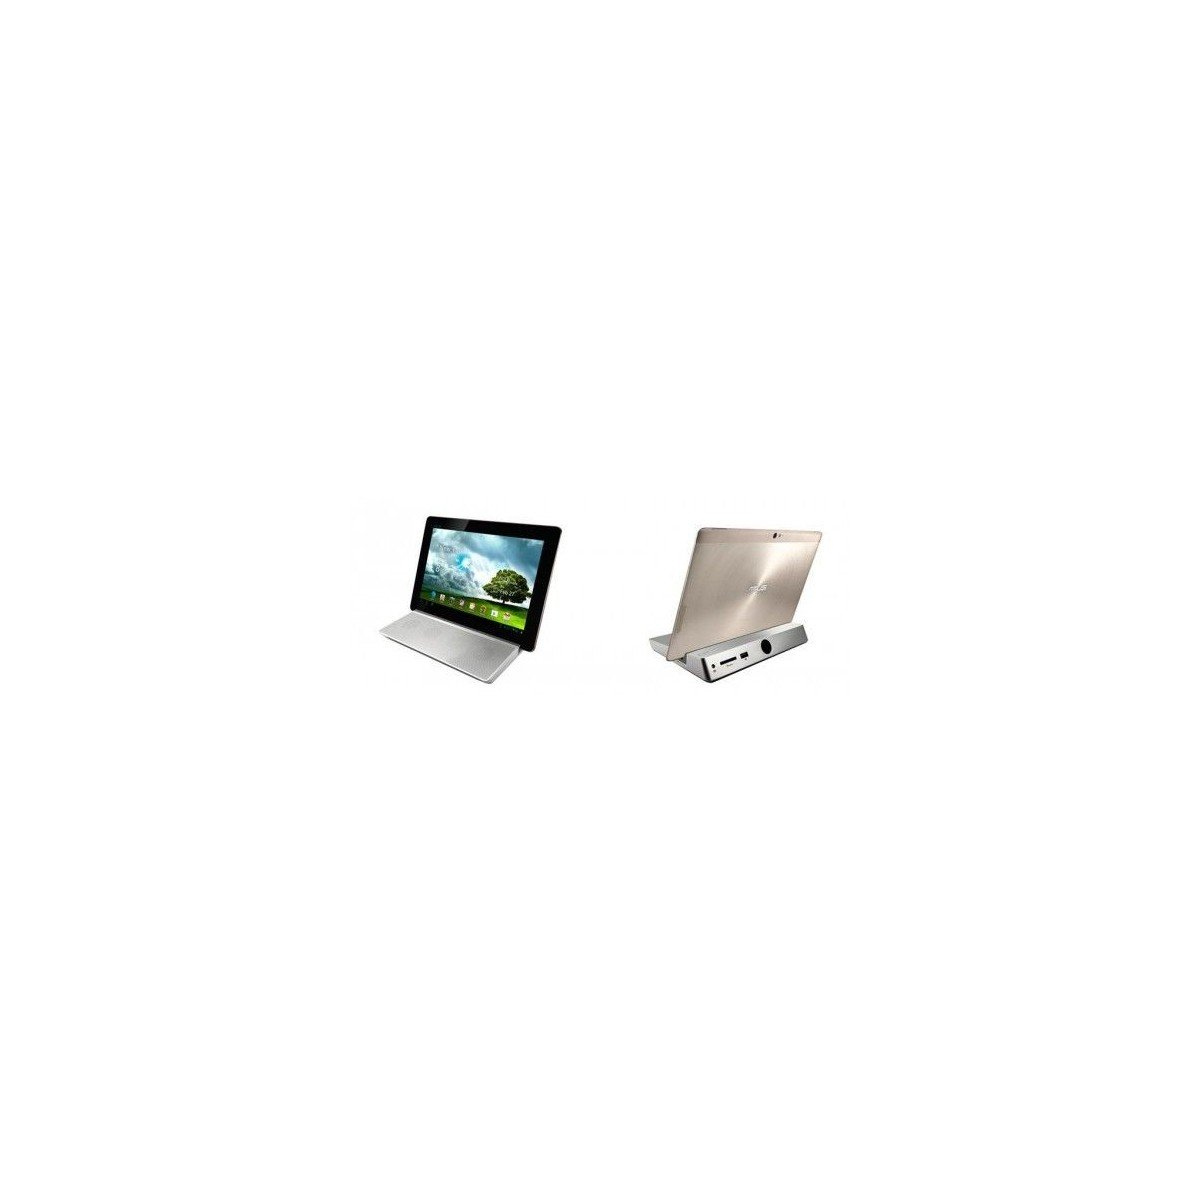 Asus Haut Parleur Audio Dock pour TF201 TF300 TF700 [Argent] Bang & Olufsen Asus - 1